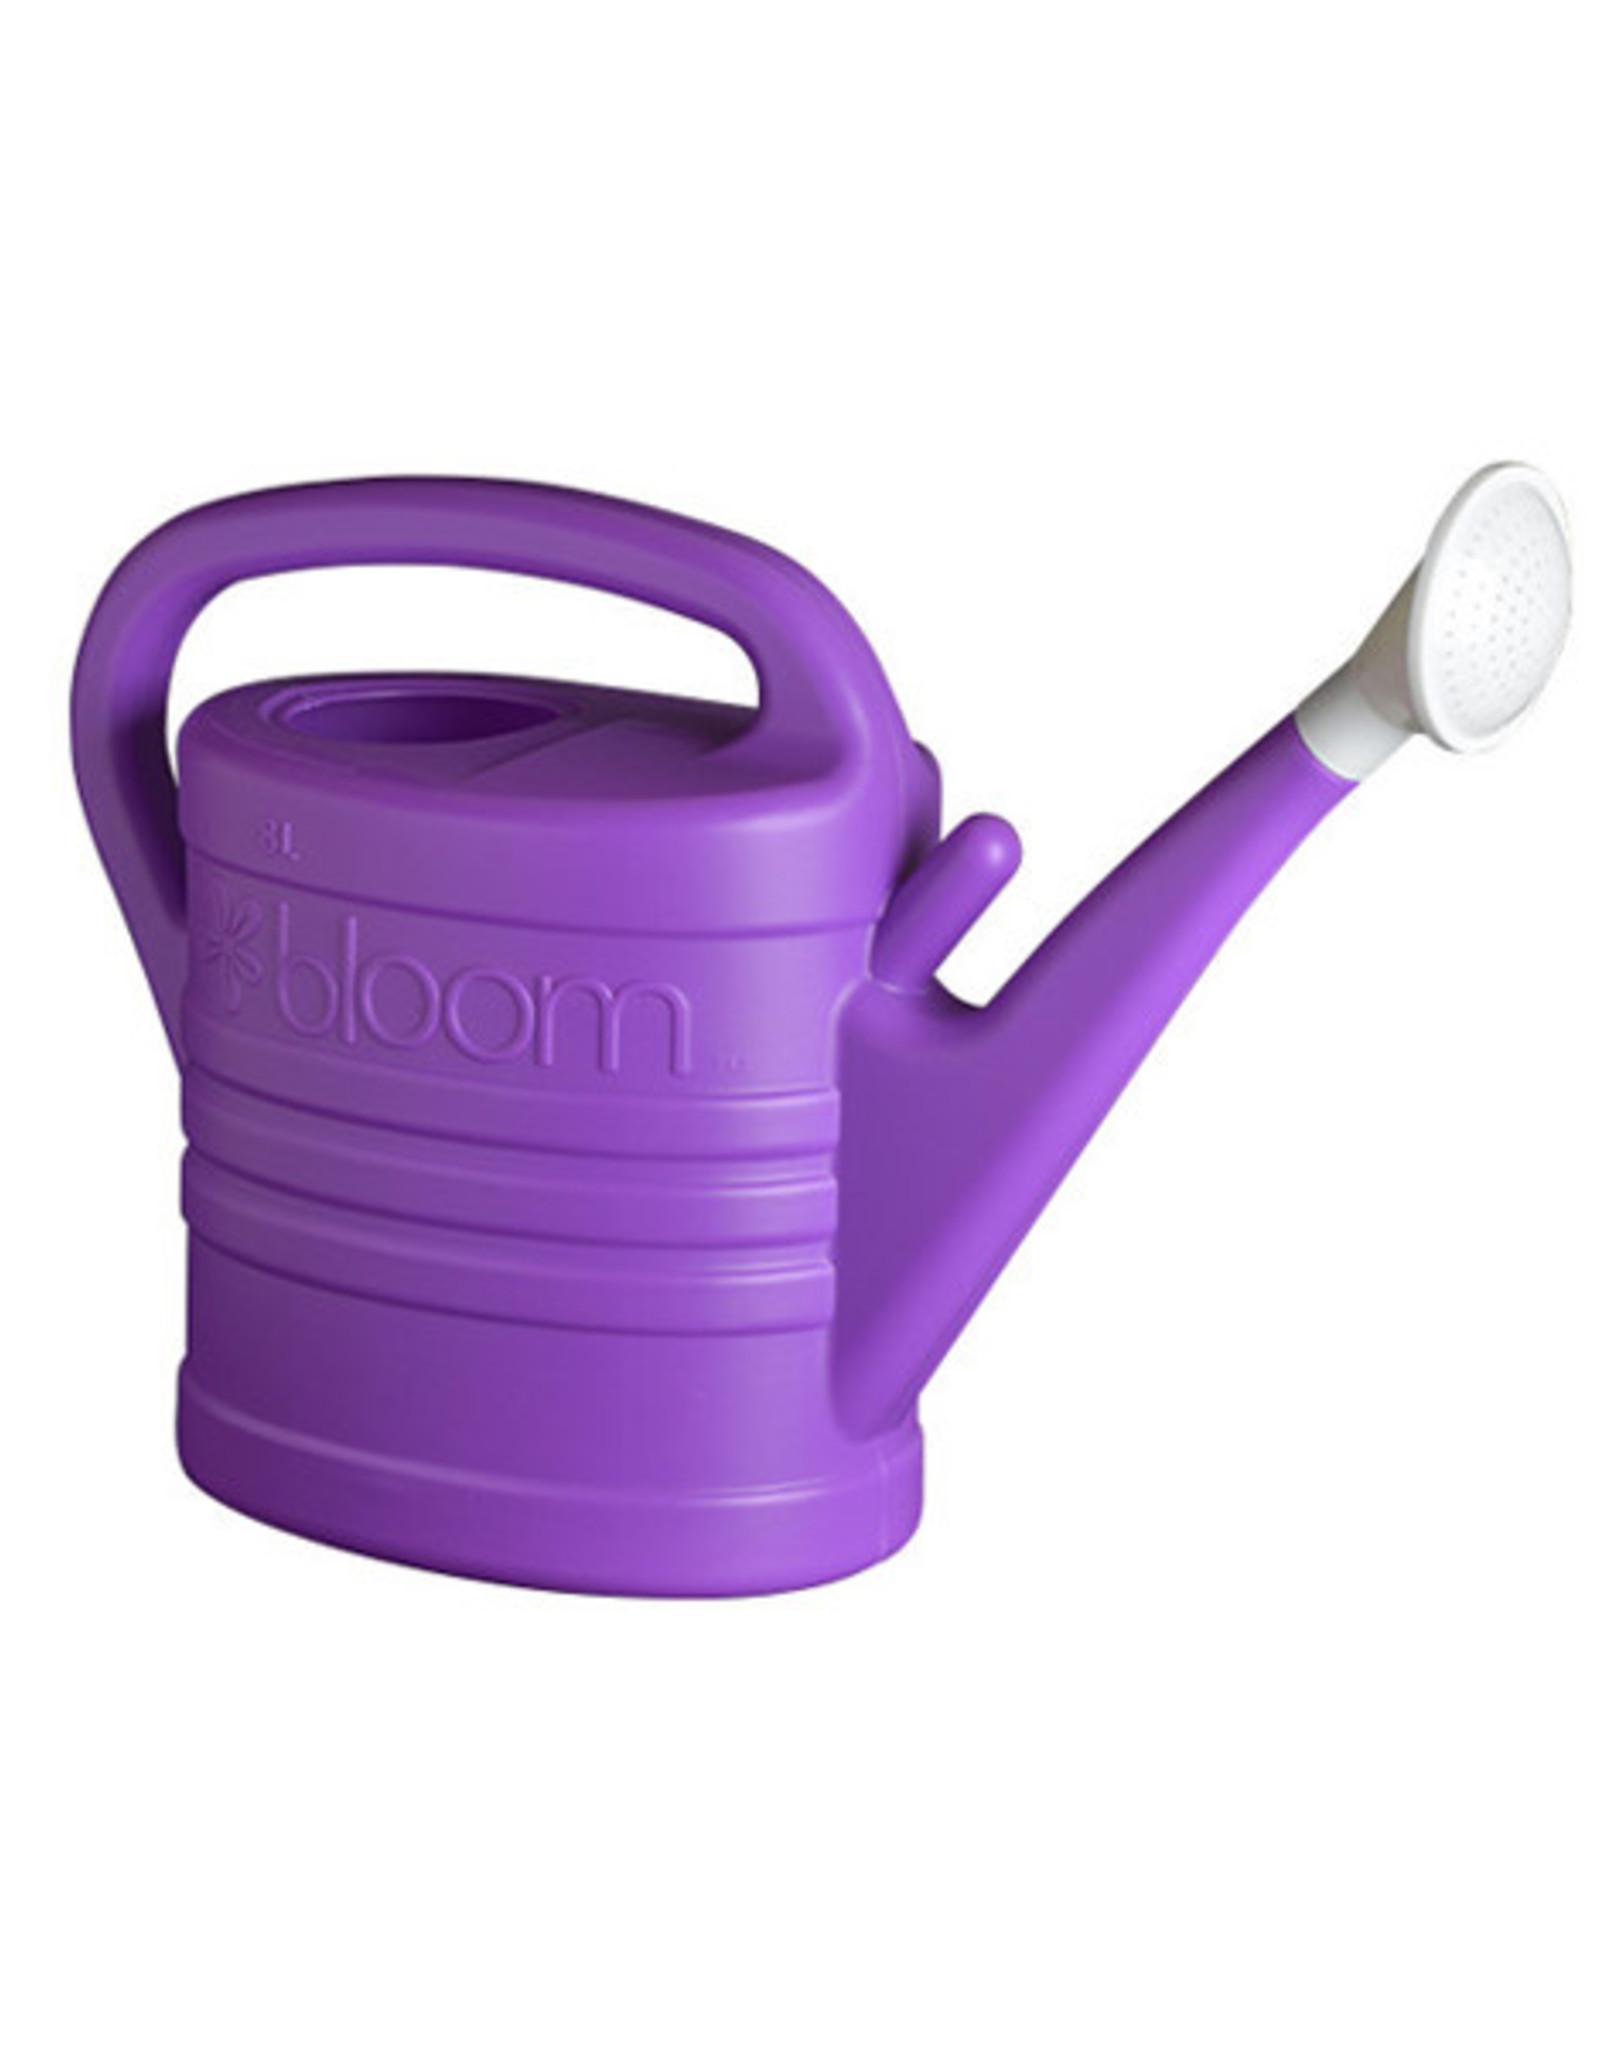 BOND MFG                P BLOOM 2 GAL WATERING CAN